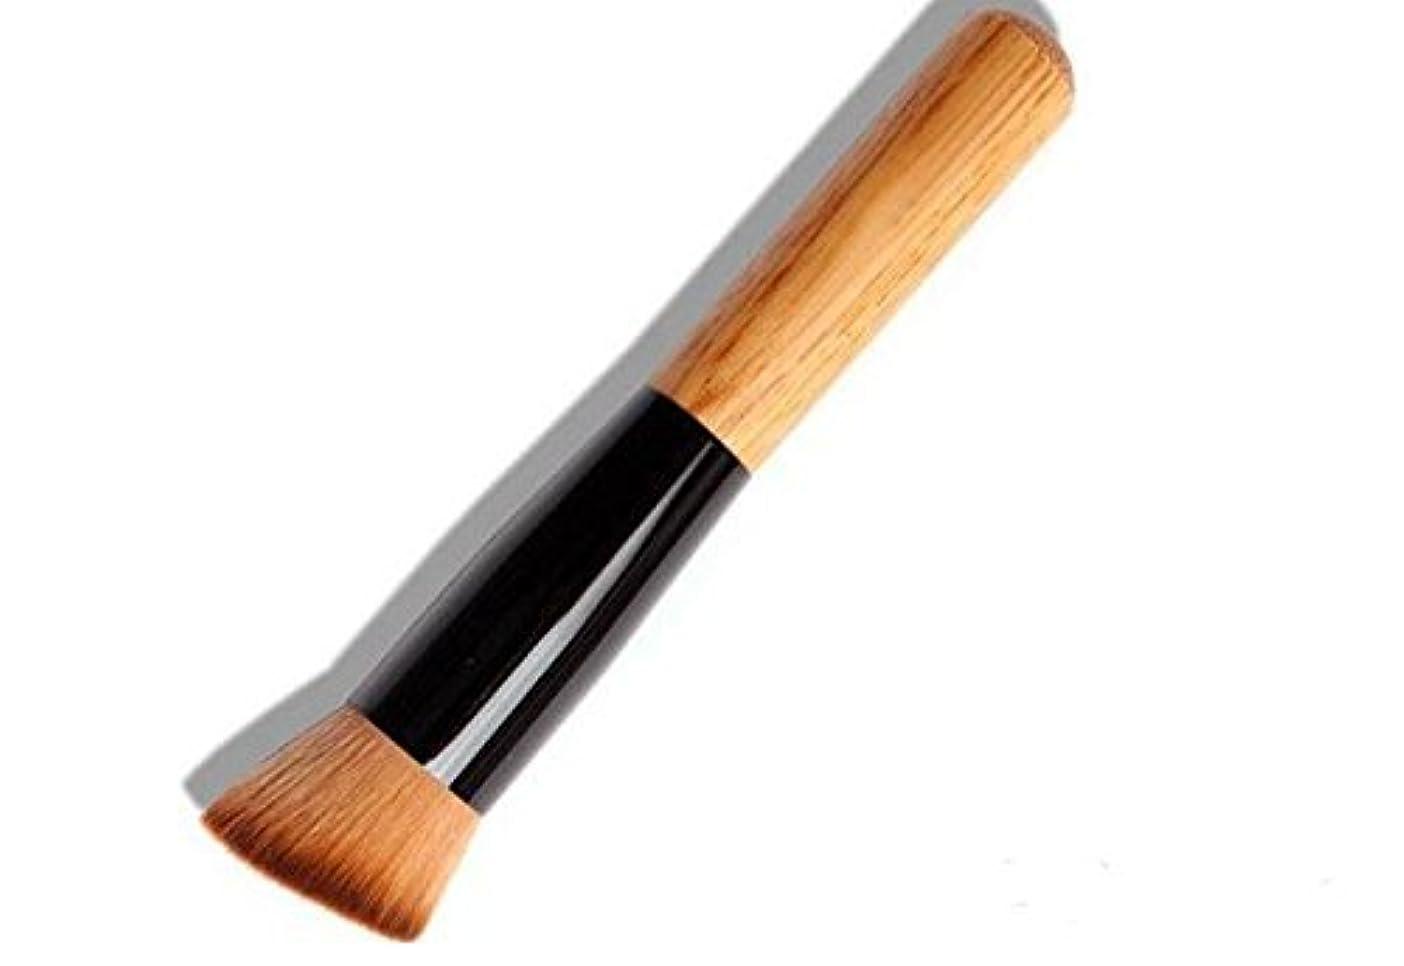 梨偶然のせっかちBOOLAVARD Makeup Foundation Powder Brush - Professional Make Up Brush - Cosmetics Tools - Liquid Foundation Brush...